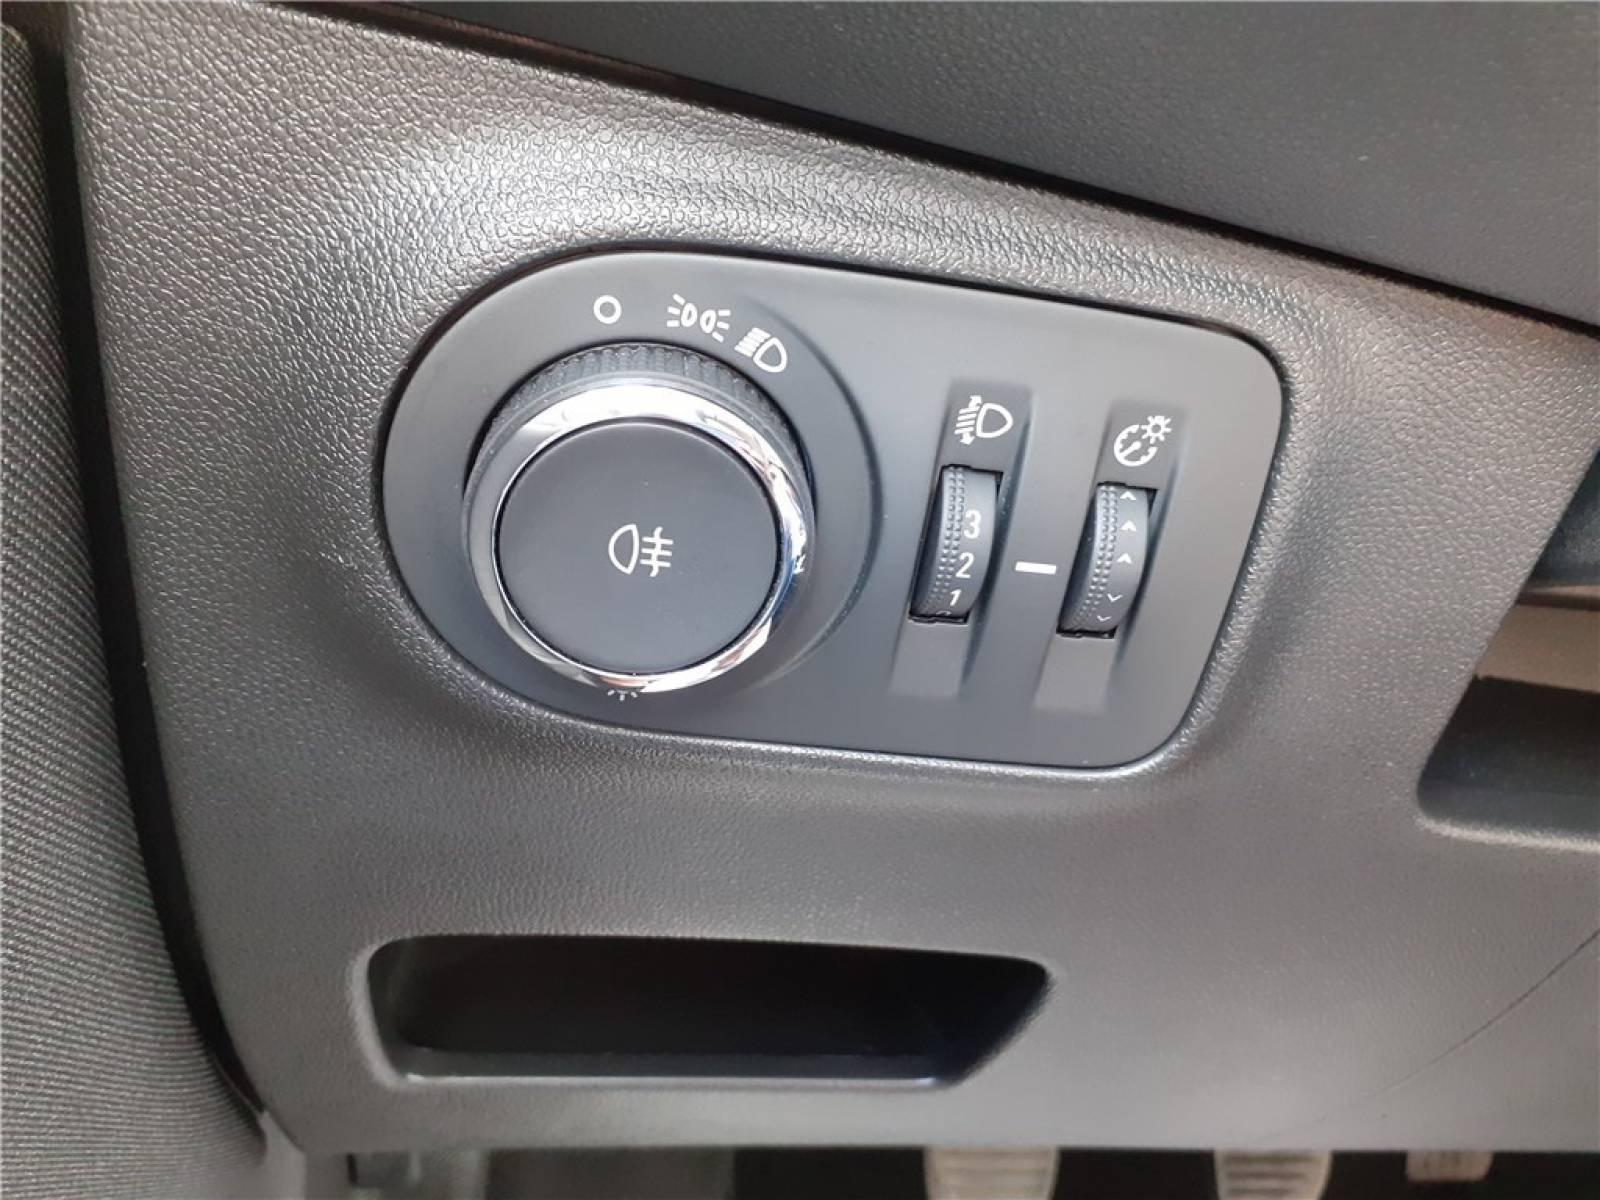 OPEL Corsa 1.4 90 ch - véhicule d'occasion - Groupe Guillet - Opel Magicauto - Chalon-sur-Saône - 71380 - Saint-Marcel - 32